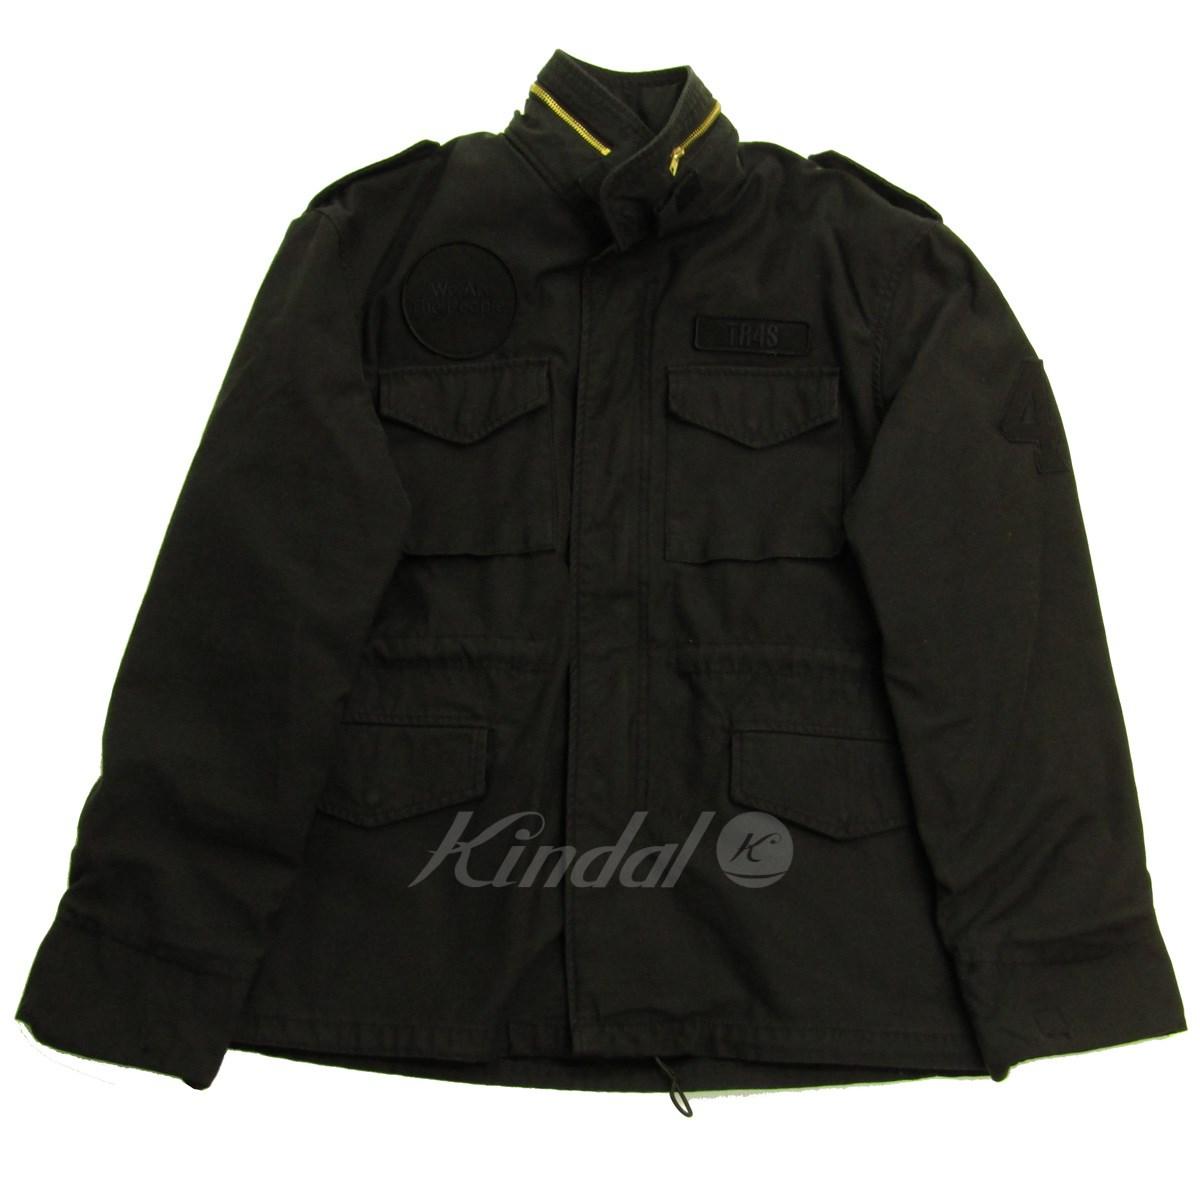 【中古】tr4 suspension M-65 FIELD JACKET フィールドジャケット チャコールグレー サイズ:L 【221019】(ティーアールフォーサスペンション)